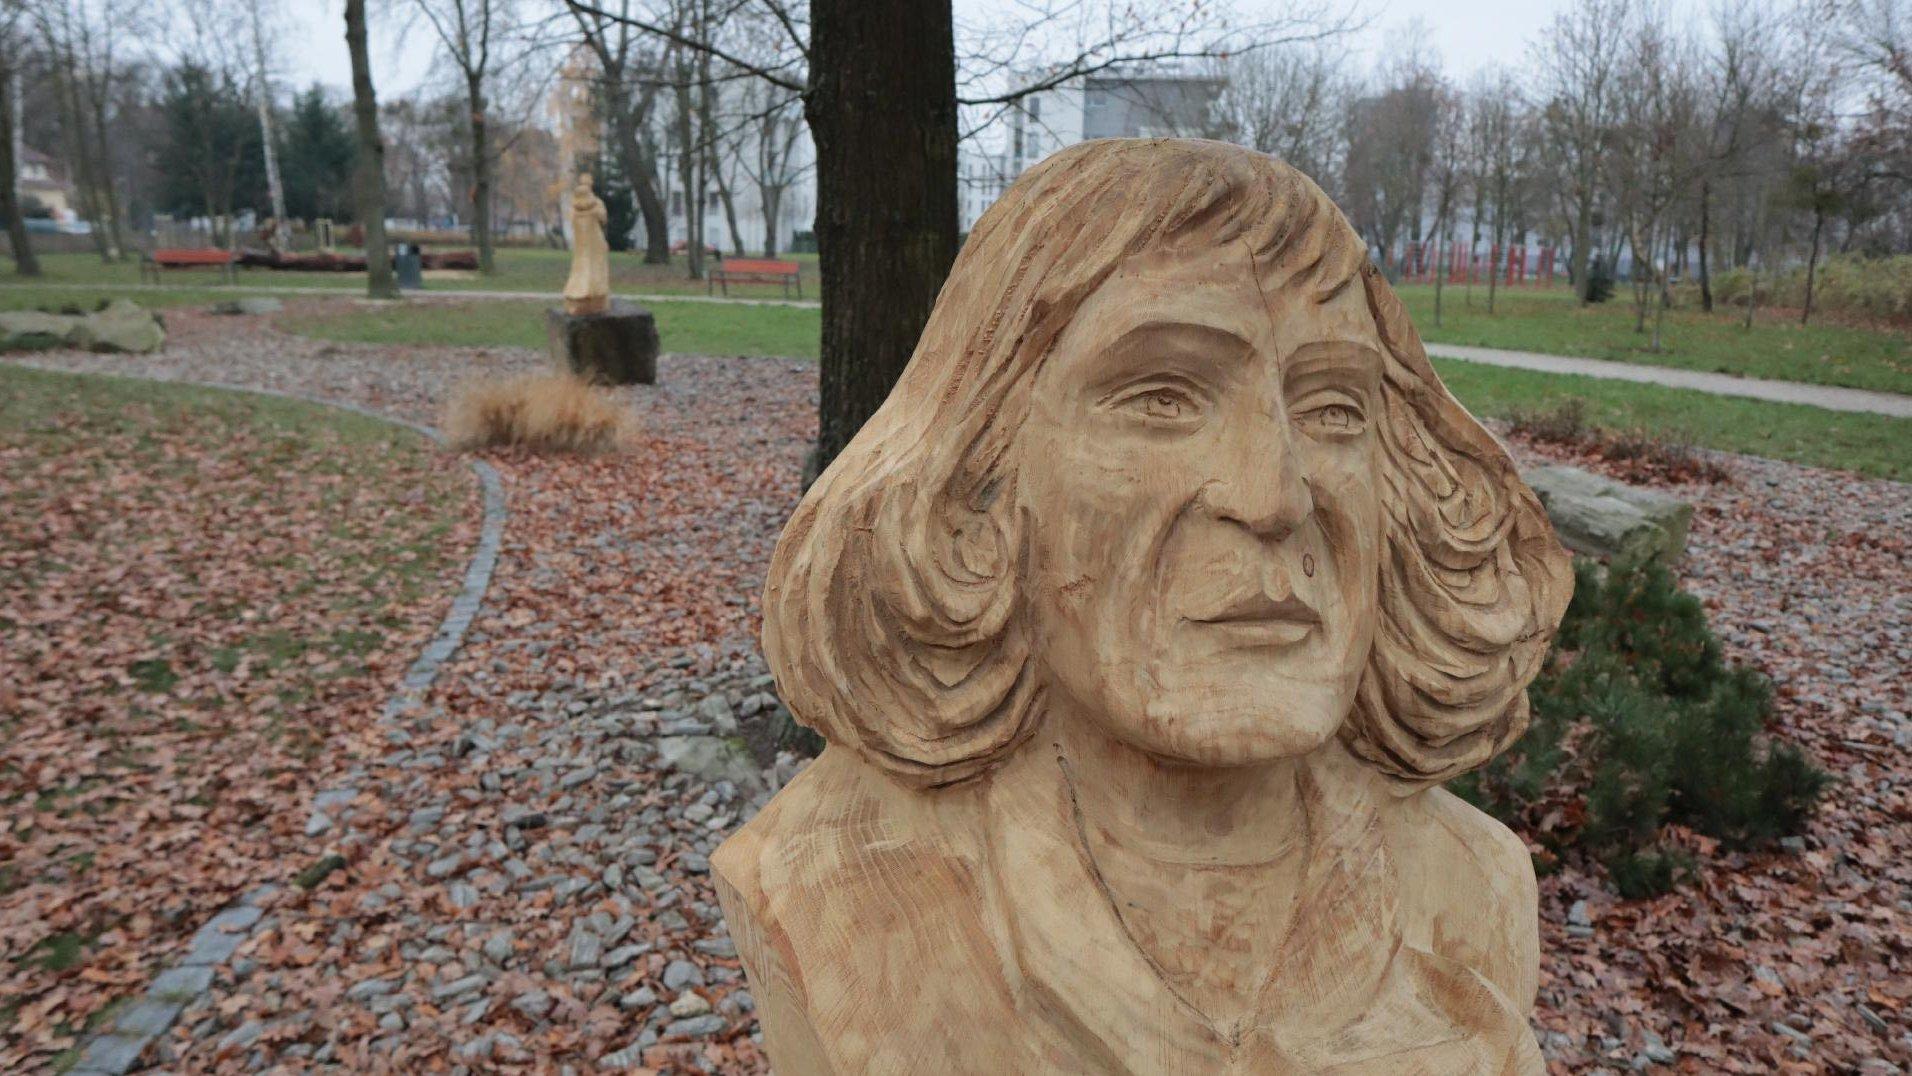 Zdjęcie przedstawia drewnianą rzeźbę Mikołaja Kopernika. W tle widać park oraz inną drewniana rzeźbę. - grafika artykułu